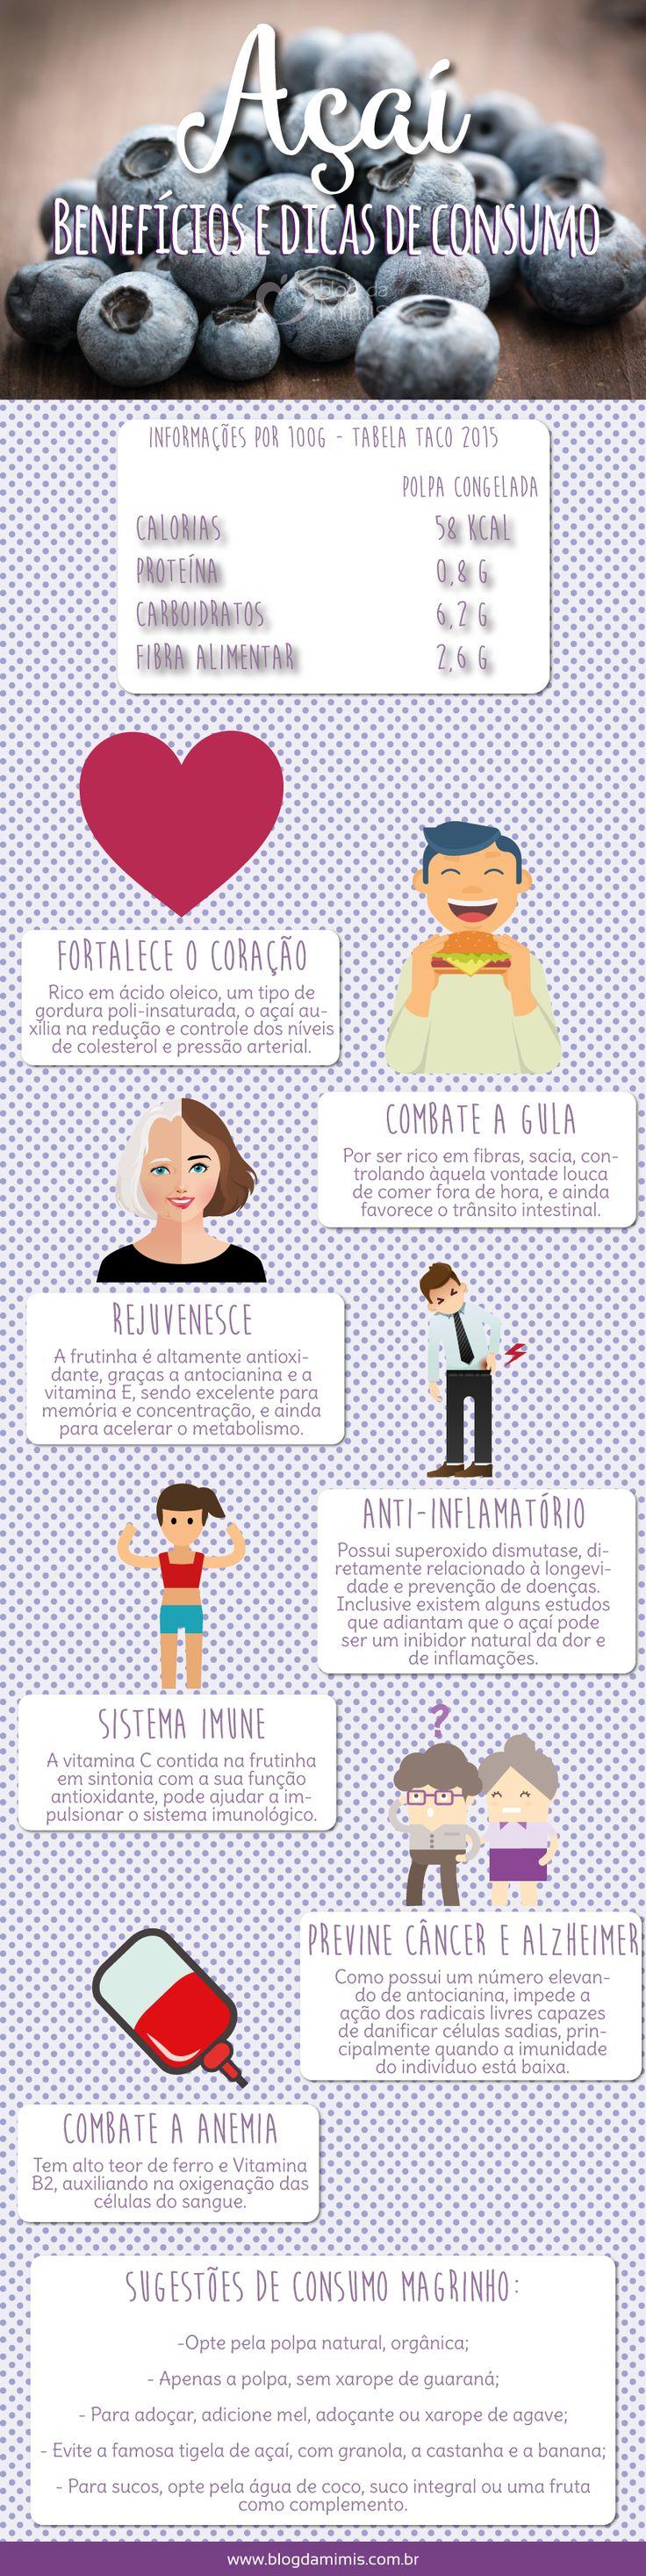 Açaí engorda ou emagrece? Benefícios e dicas de consumo - Blog da Mimis - Separei super dicas de como perder peso com essa frutinha. Bora aproveitar!